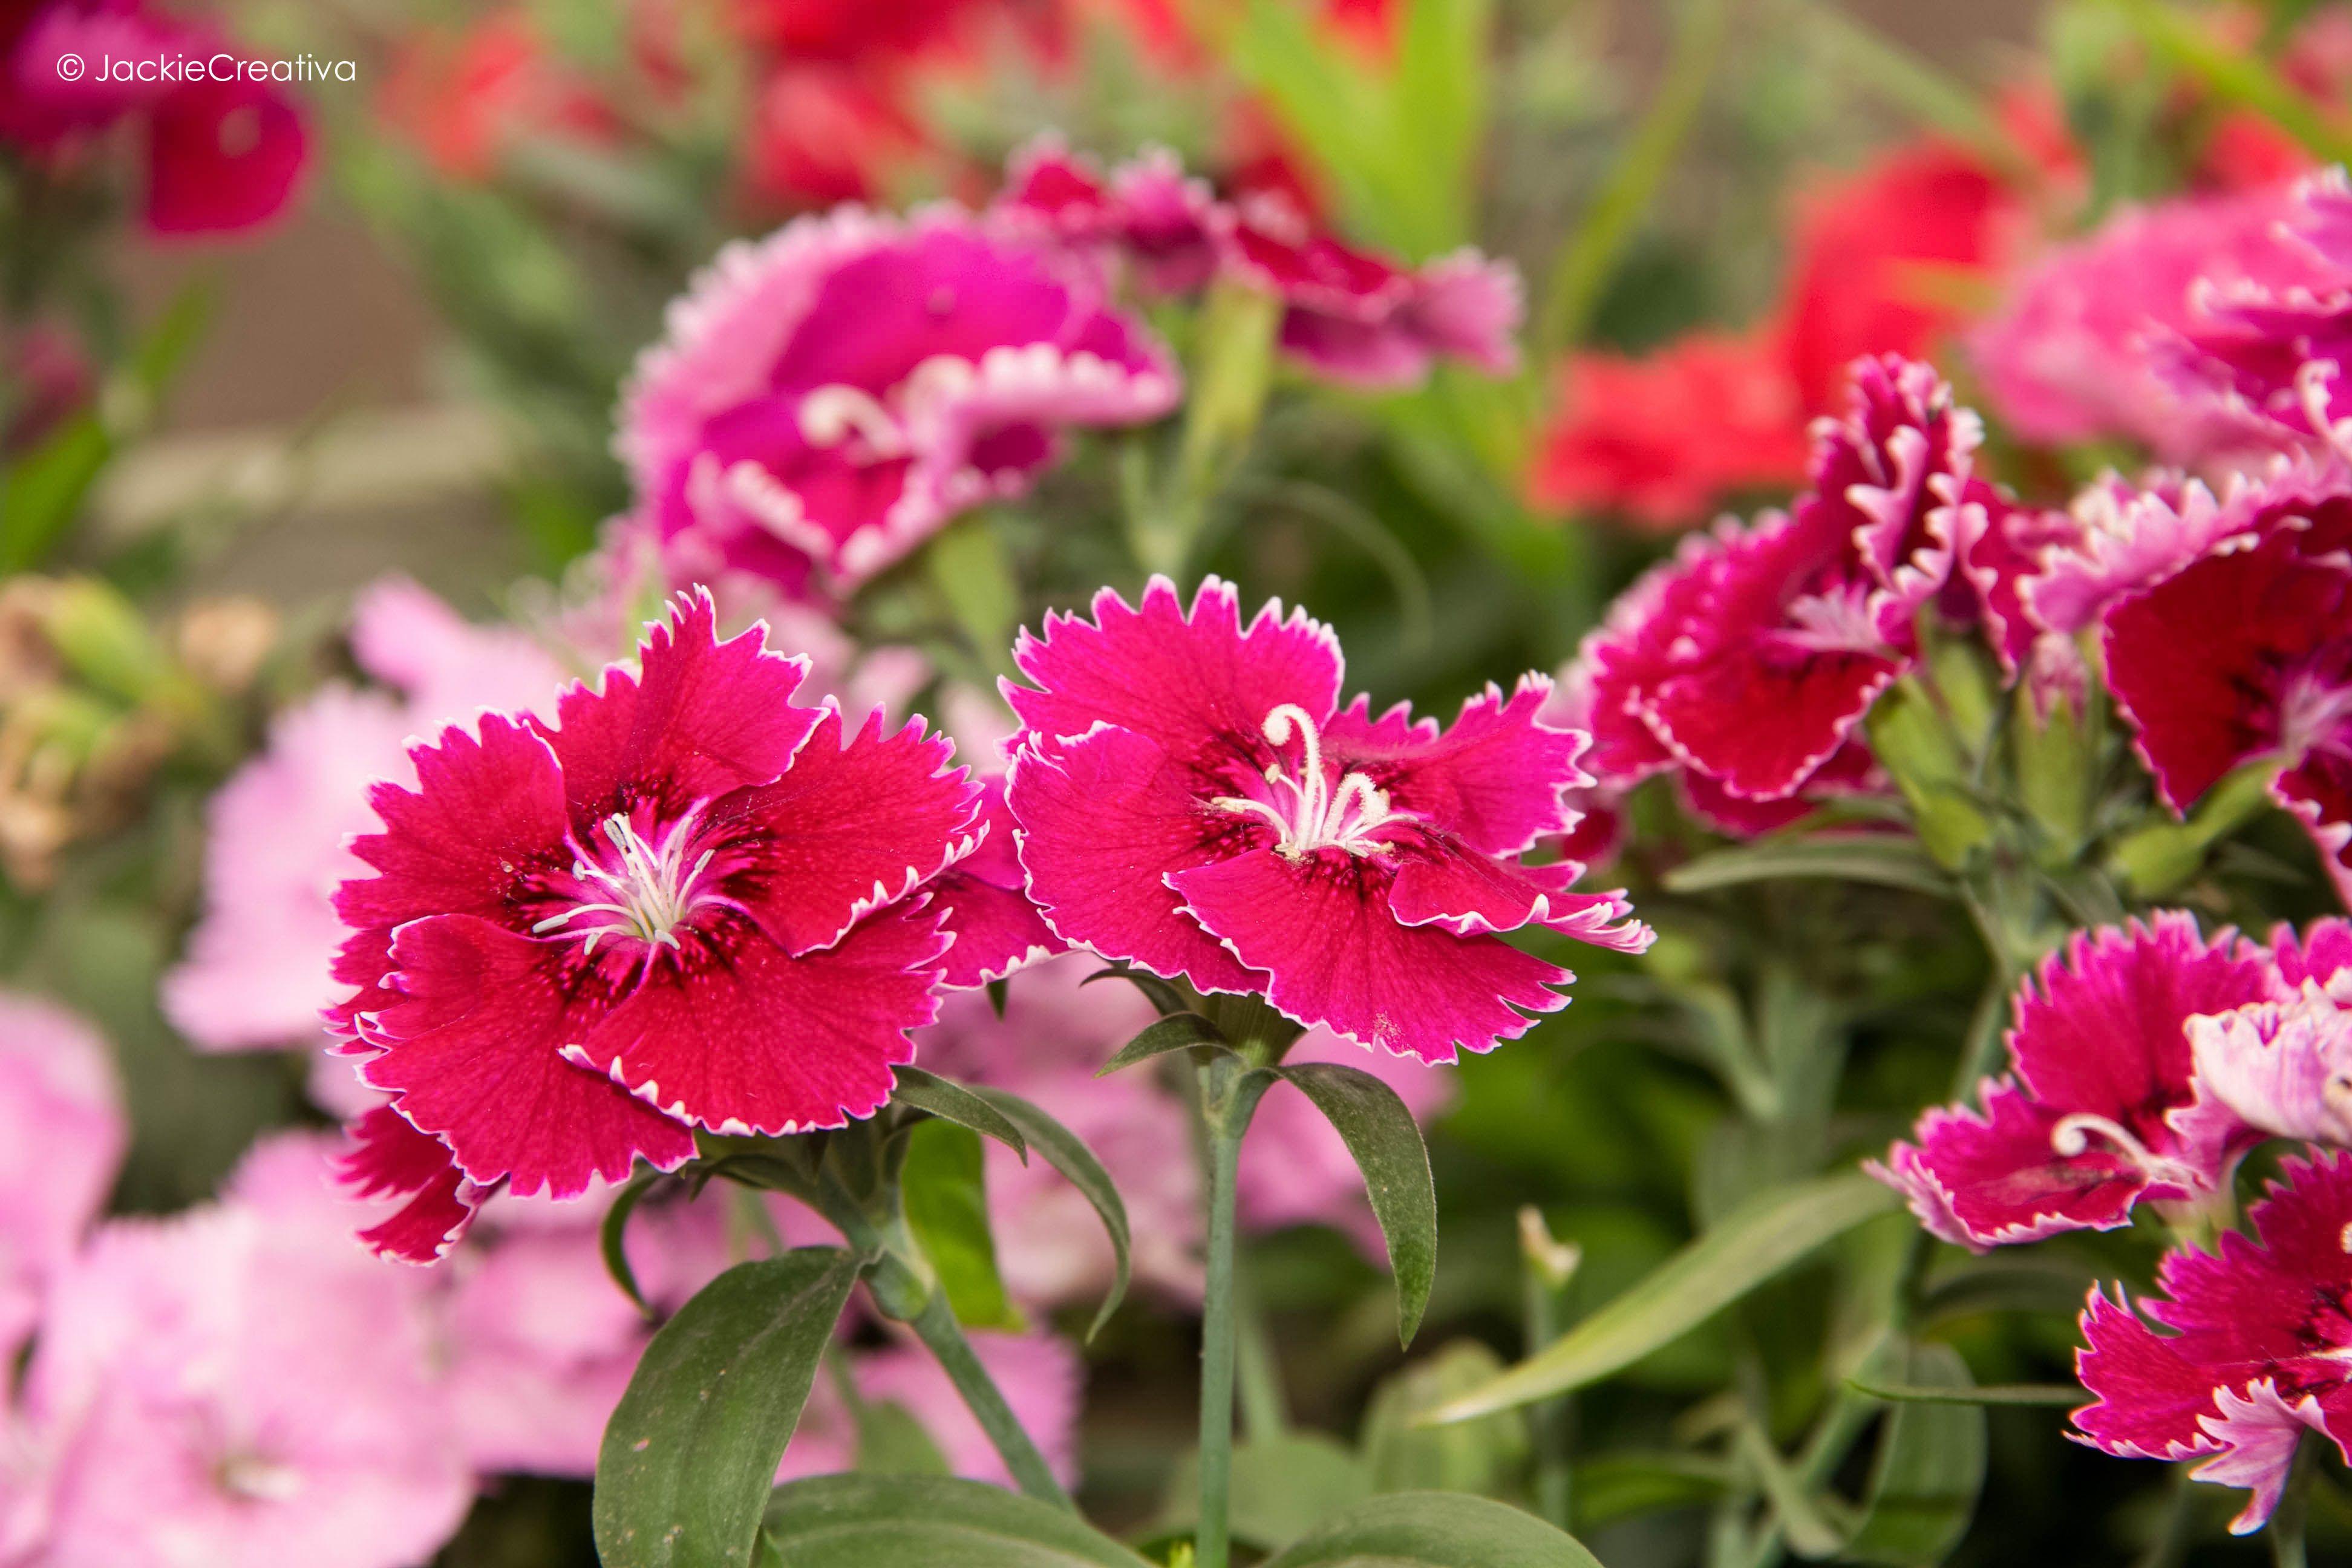 Estas flores fueron en el Parque Antonio Raimondi de Miraflores.... Fotografiada por :©JackieCreativa